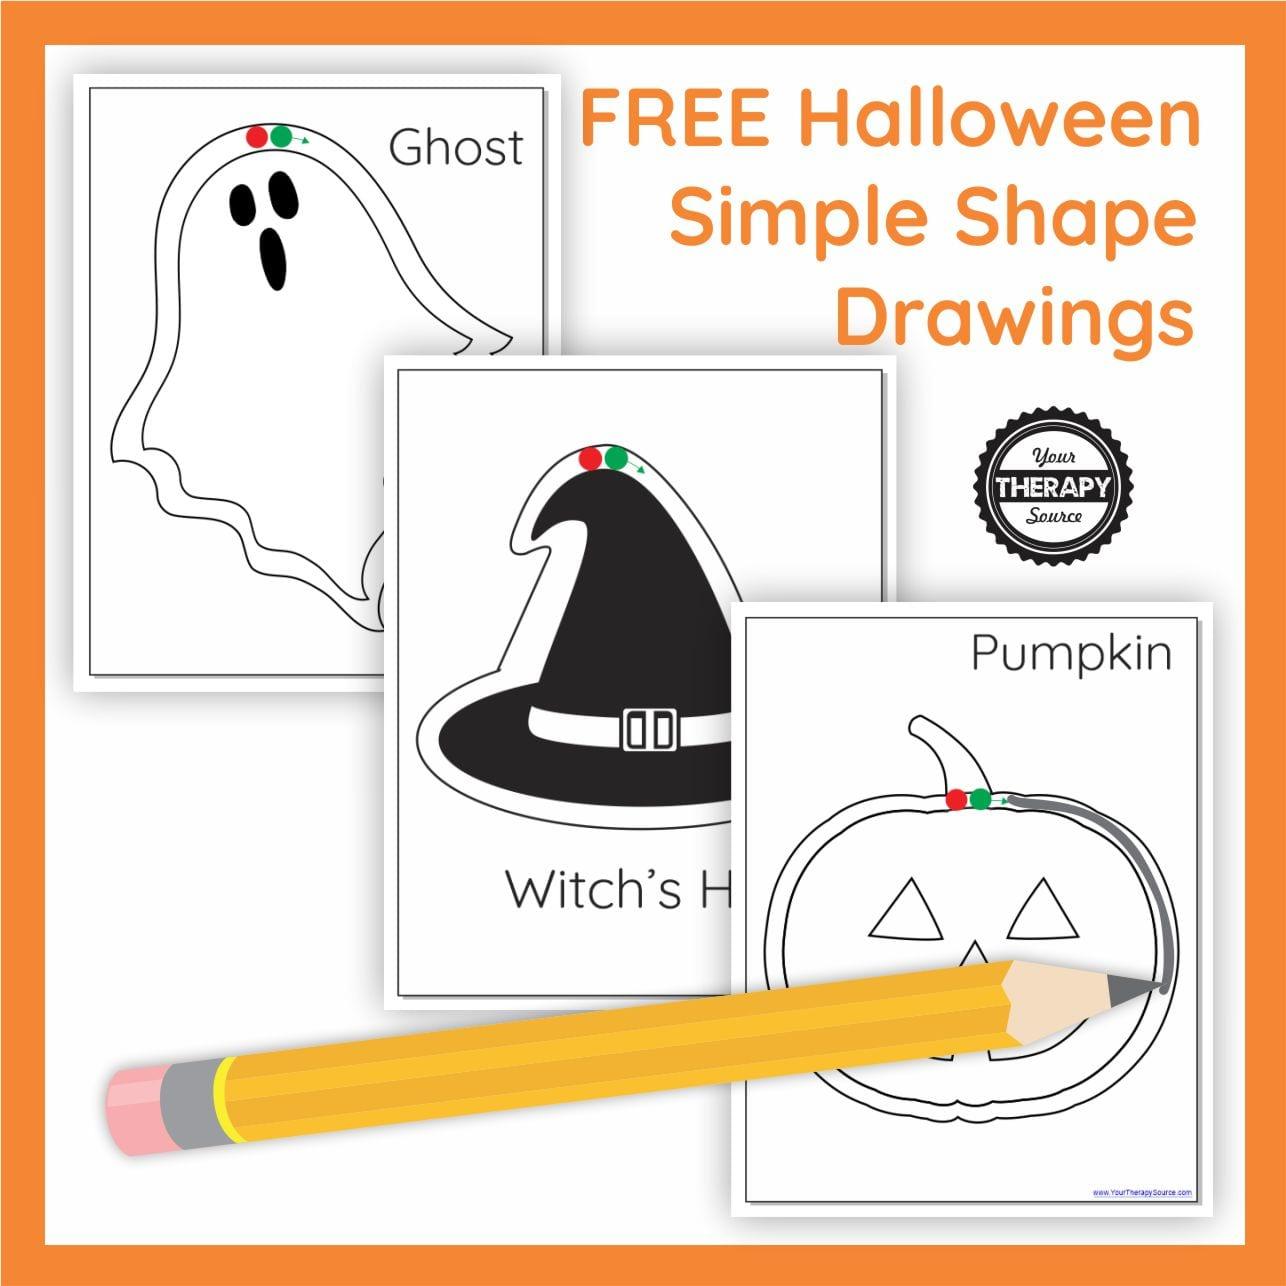 Halloween Simple Shape Drawings Free